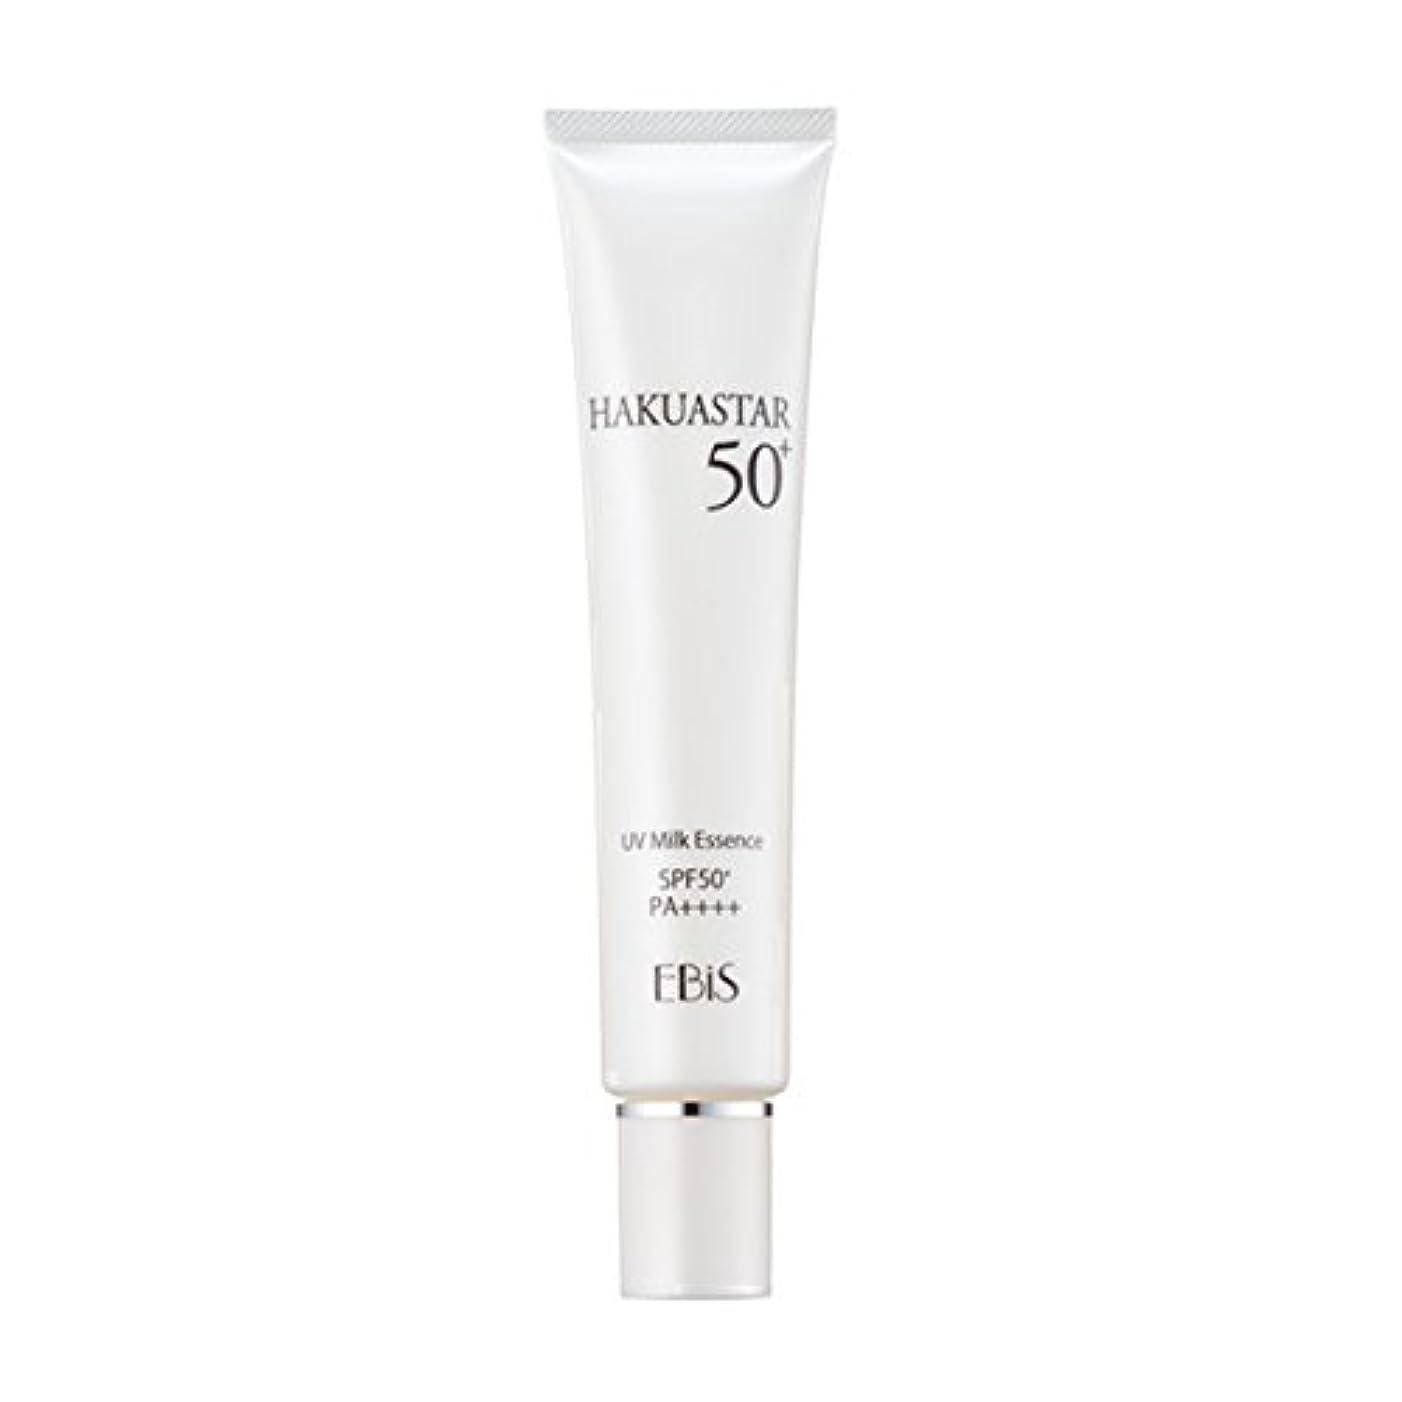 ネクタイ起点こねるエビス化粧品(EBiS) ハクアスター 40g SPF50PA+++ UVクリーム(日焼け止め) 紫外線対策 化粧下地としても使える